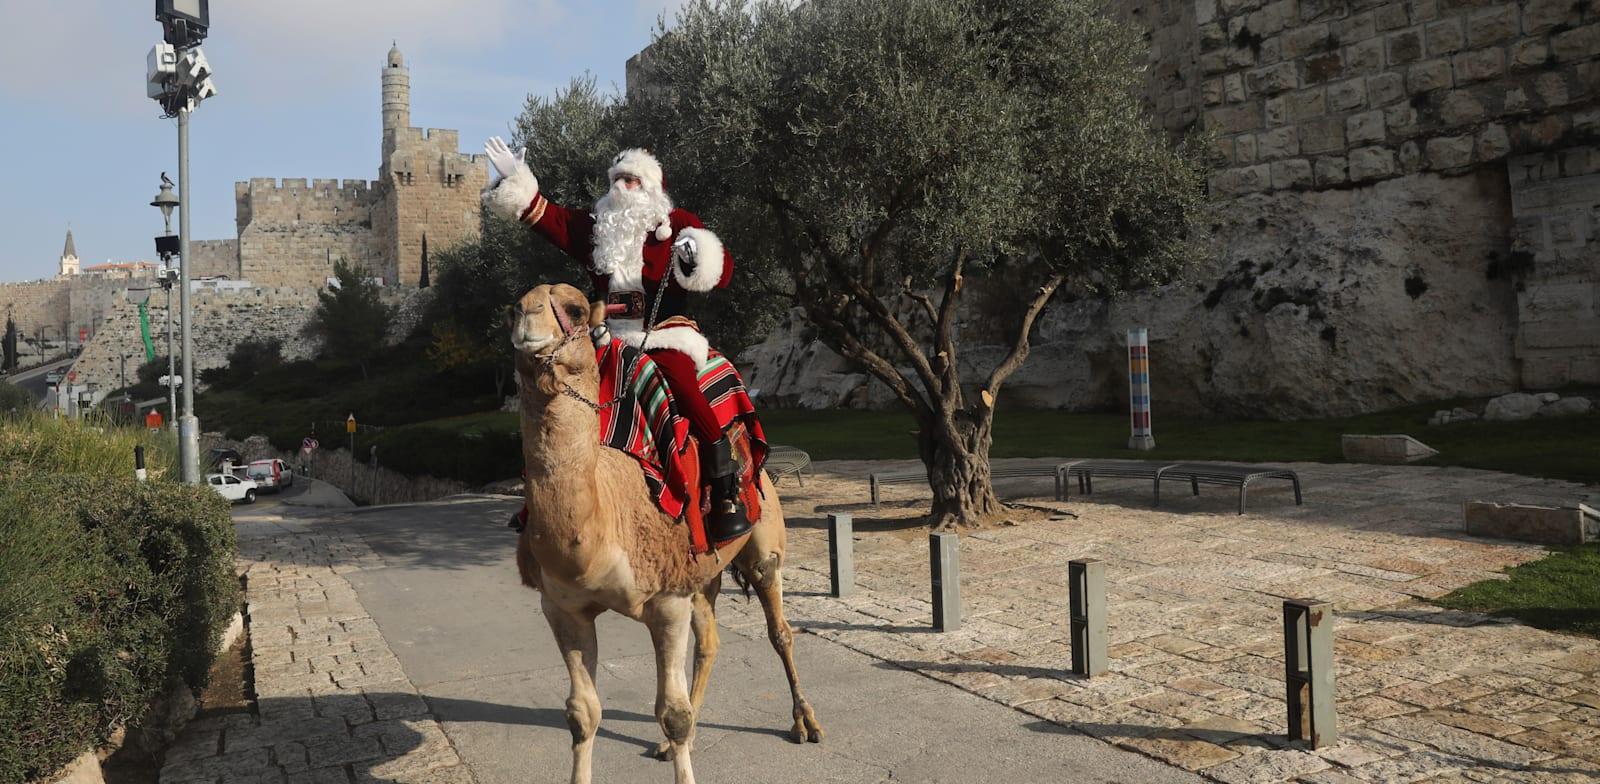 סנטה קלאוס בירושלים. קבוצות נוצריות מחכות להגיע לארץ הקודש/ צילום: Associated Press, Mahmoud Illean